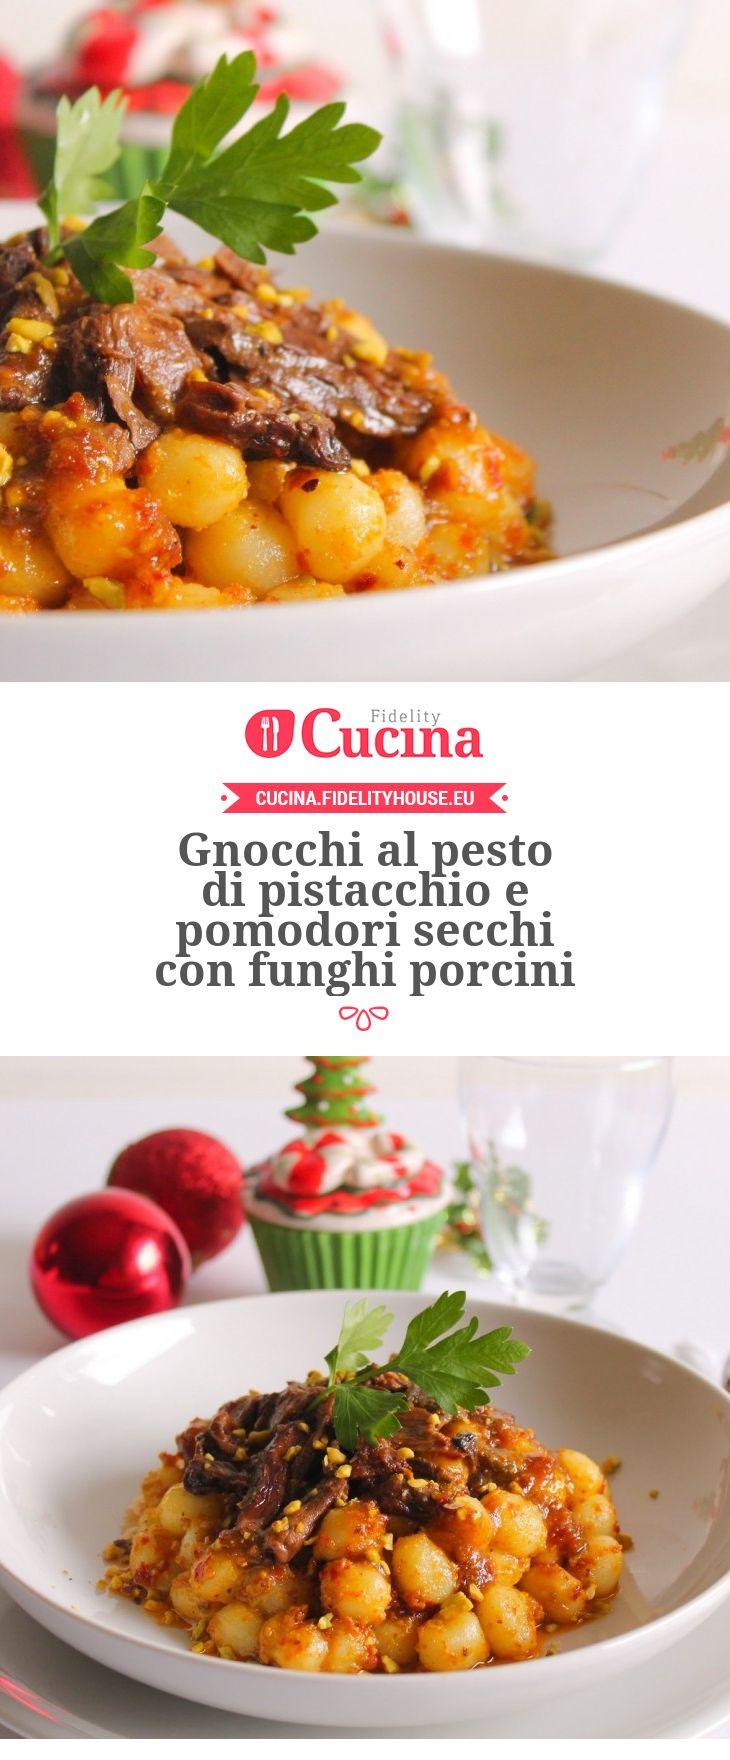 Gnocchi al pesto di pistacchio e pomodori secchi con funghi porcini della nostra utente Giovanna. Unisciti alla nostra Community ed invia le tue ricette!